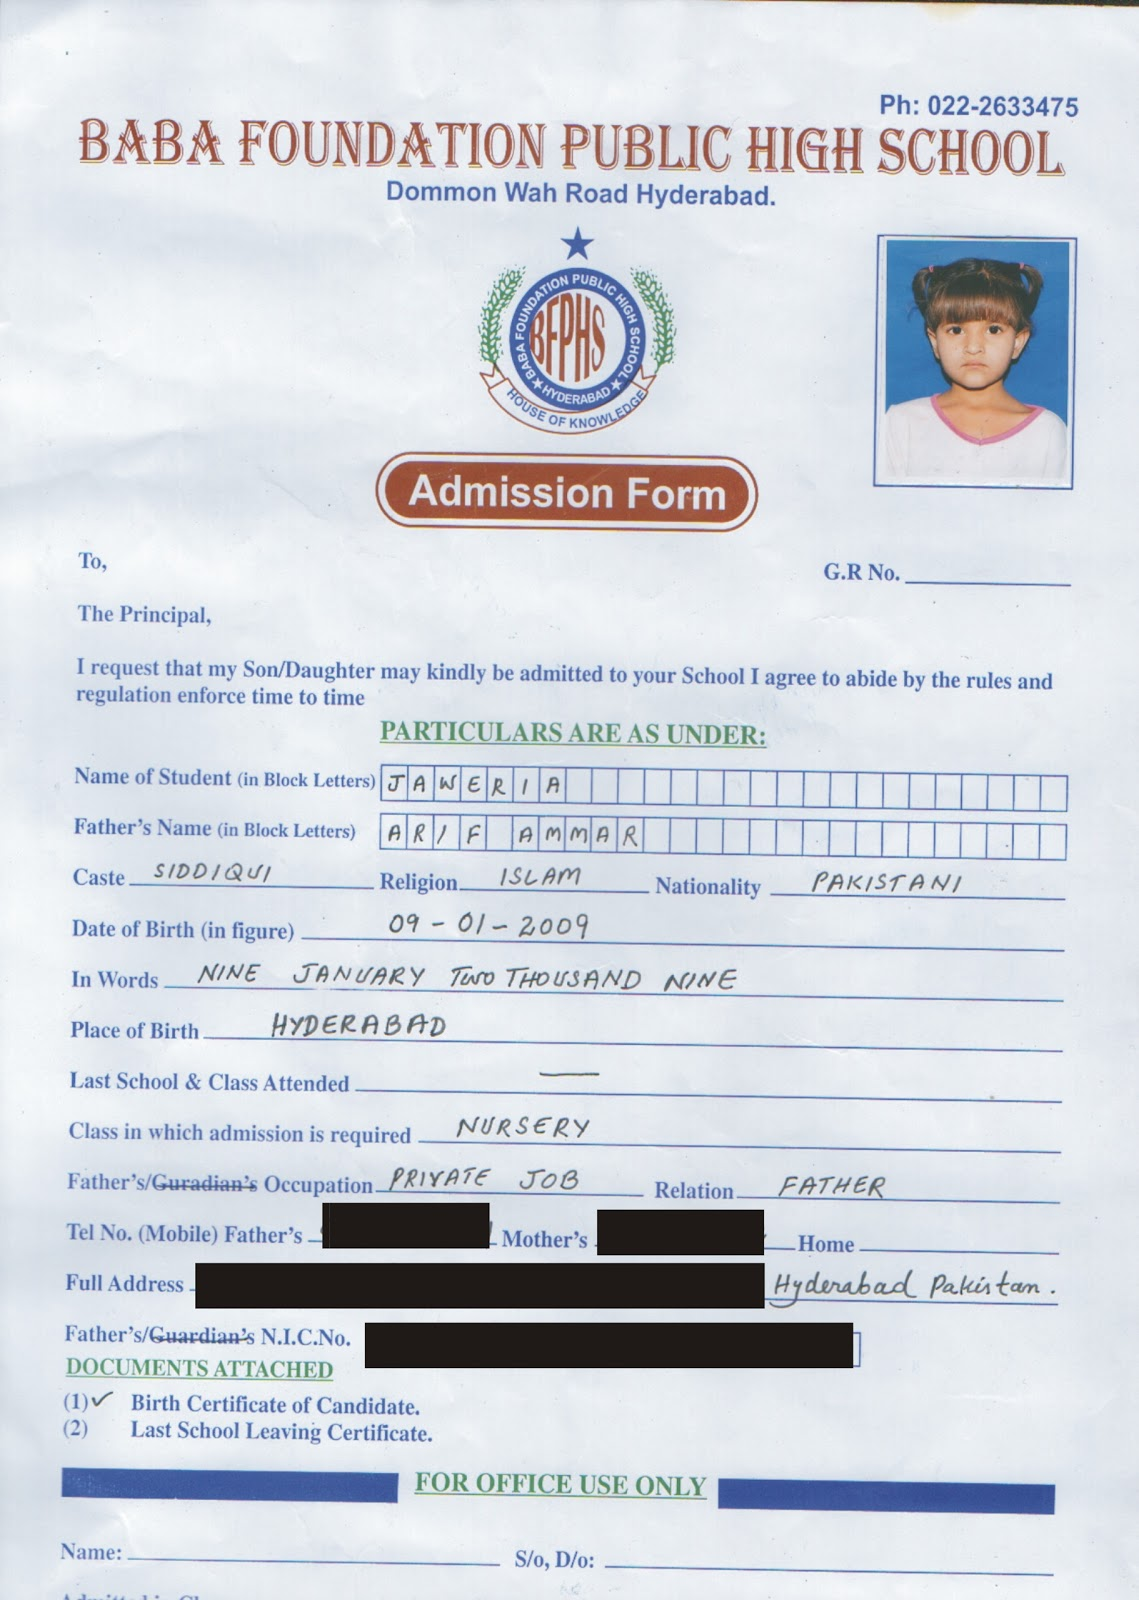 Jaweria Arif Ammar: Admission Form Of Baba Foundation Public High School  Hyderabad Pakistan.  Admission Form For School